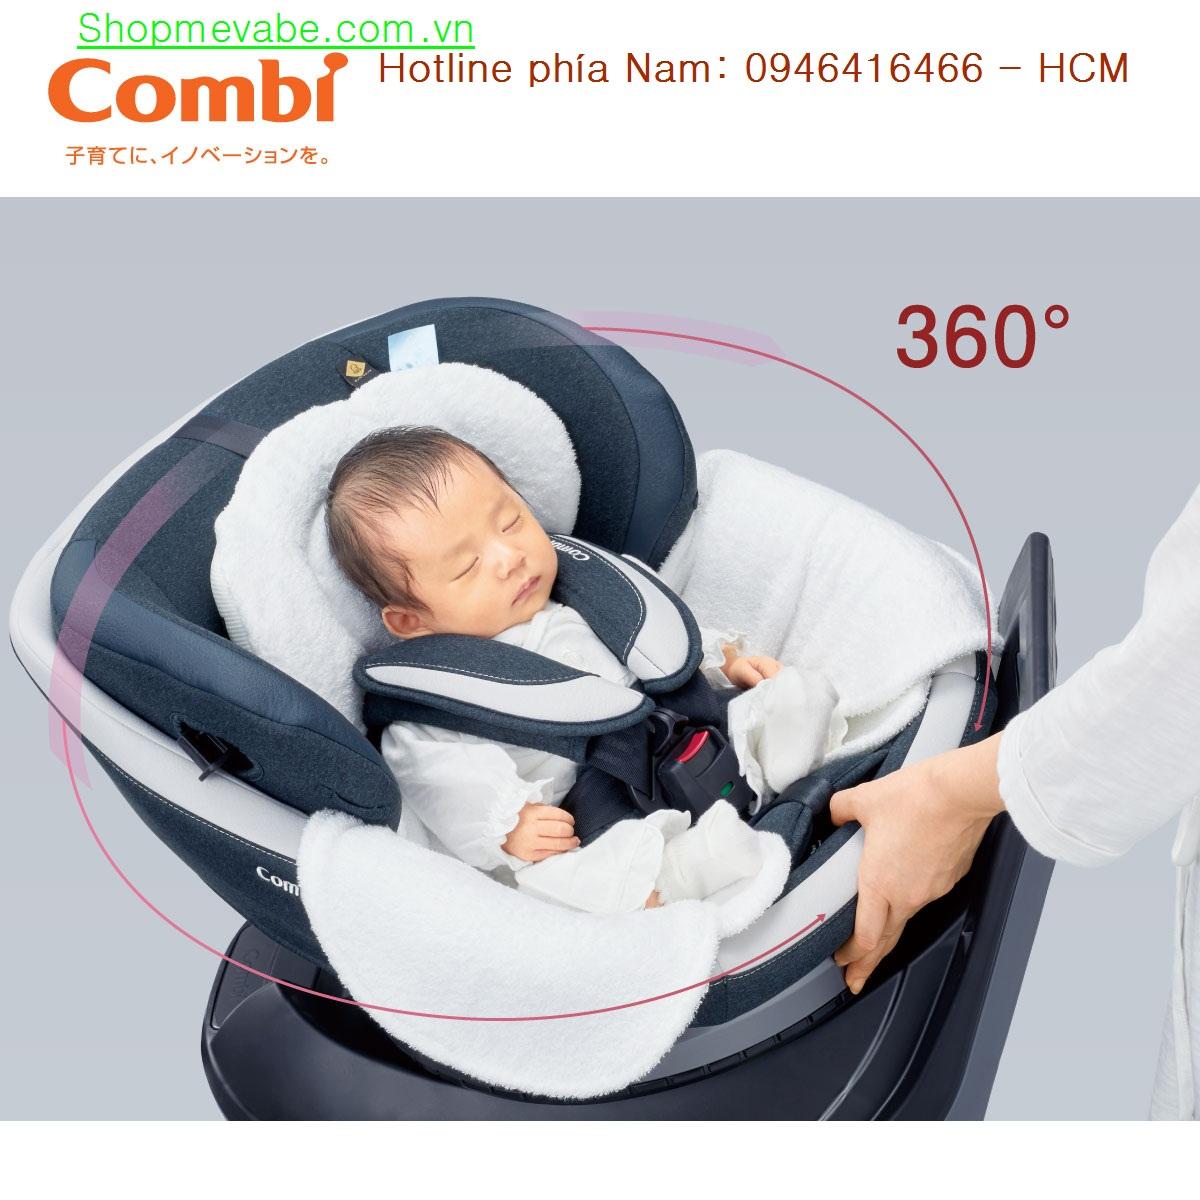 Ghế ngồi ô tô Combi Culmove xoay 360° nâu socola